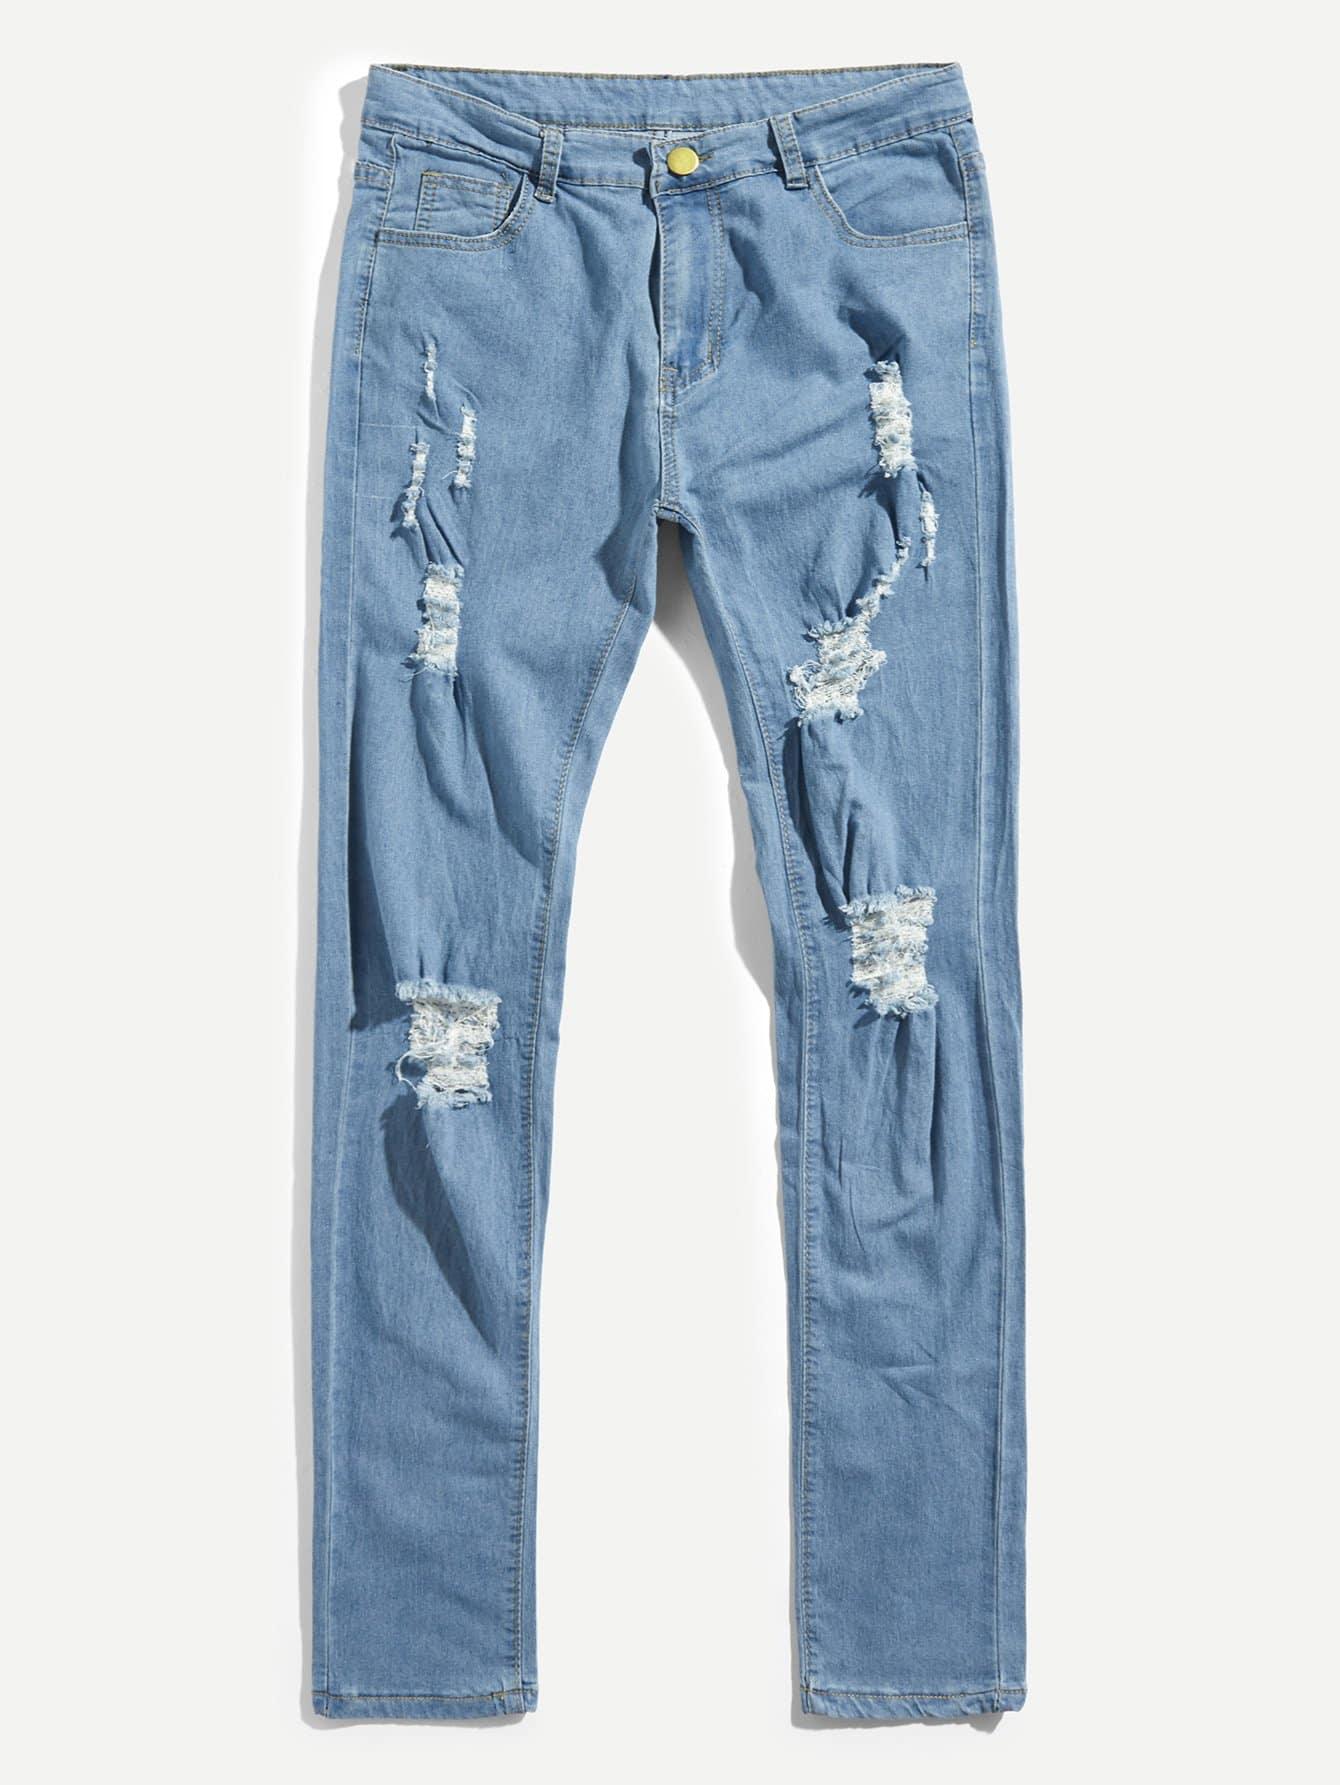 Pantalones Denim Rotos Sencillos De Hombres Romwe